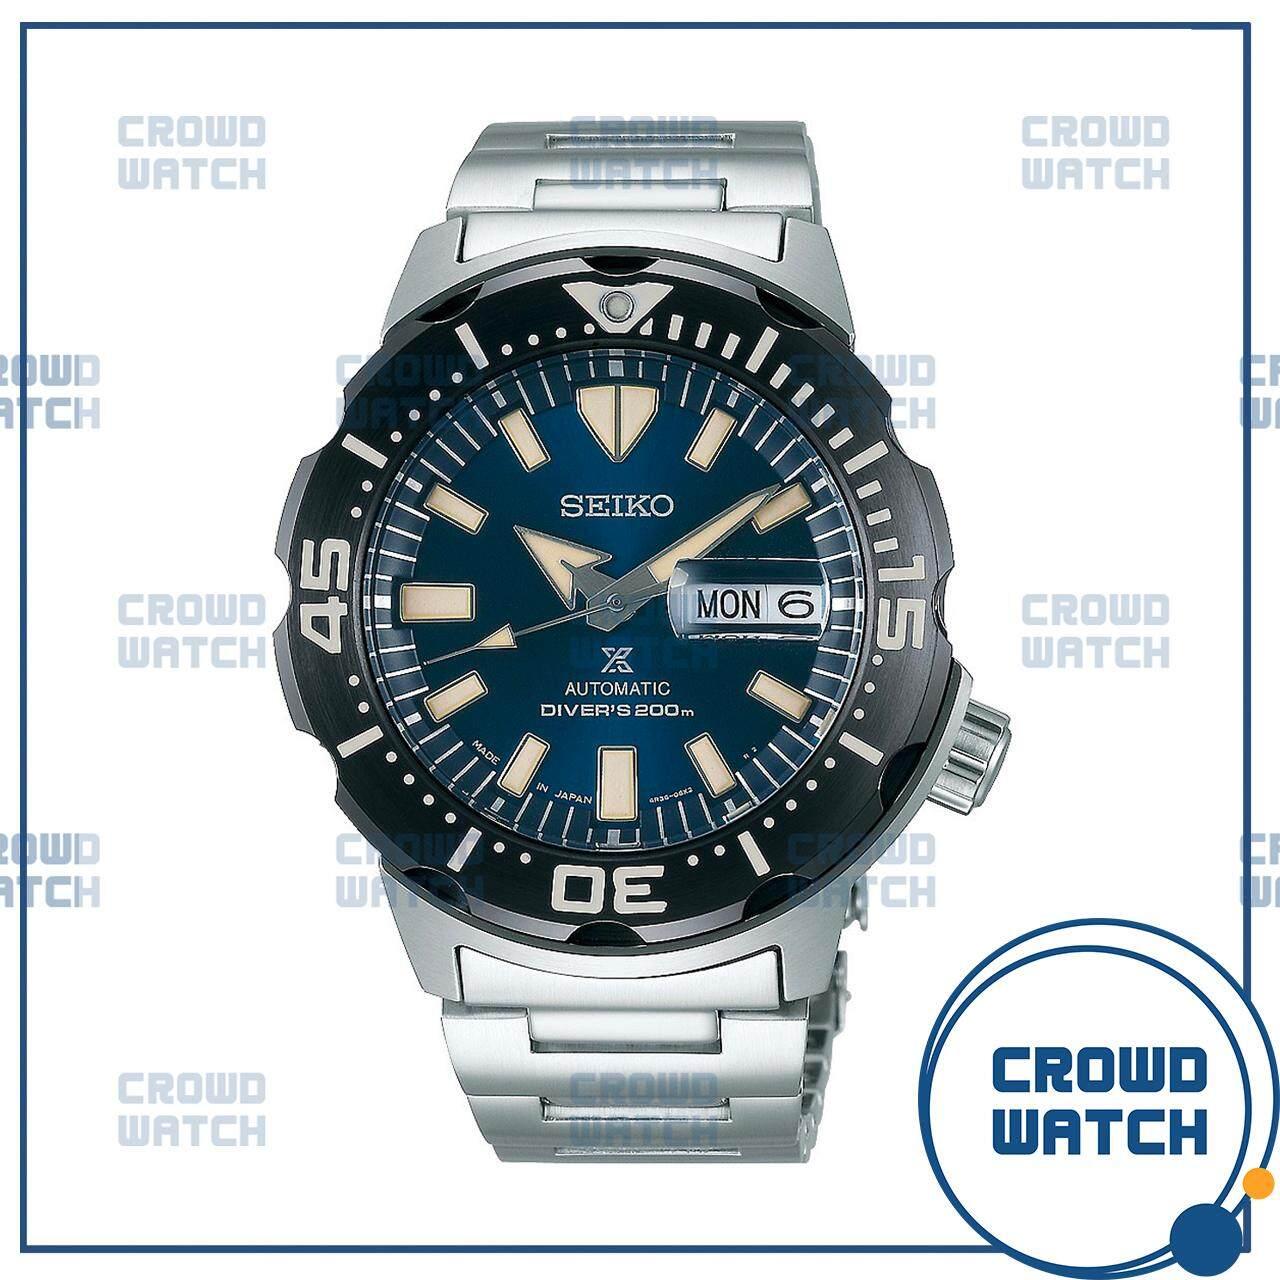 สอนใช้งาน  นครปฐม นาฬิกาไซโก้ SEIKO SRPD25 SRPD25K SRPD25K1 Prospex Automatic 200 m GEN 4